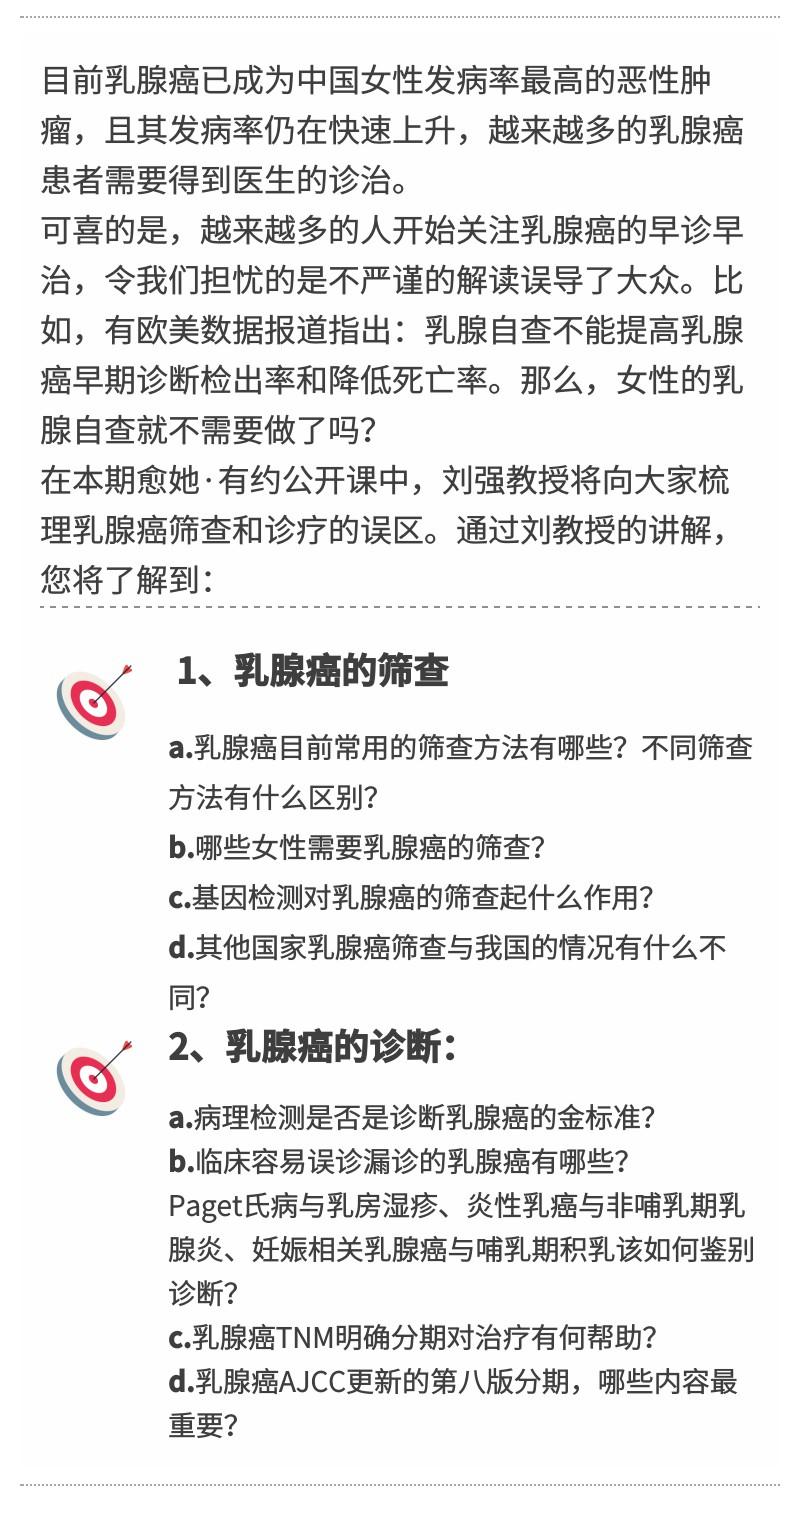 刘强3.jpg